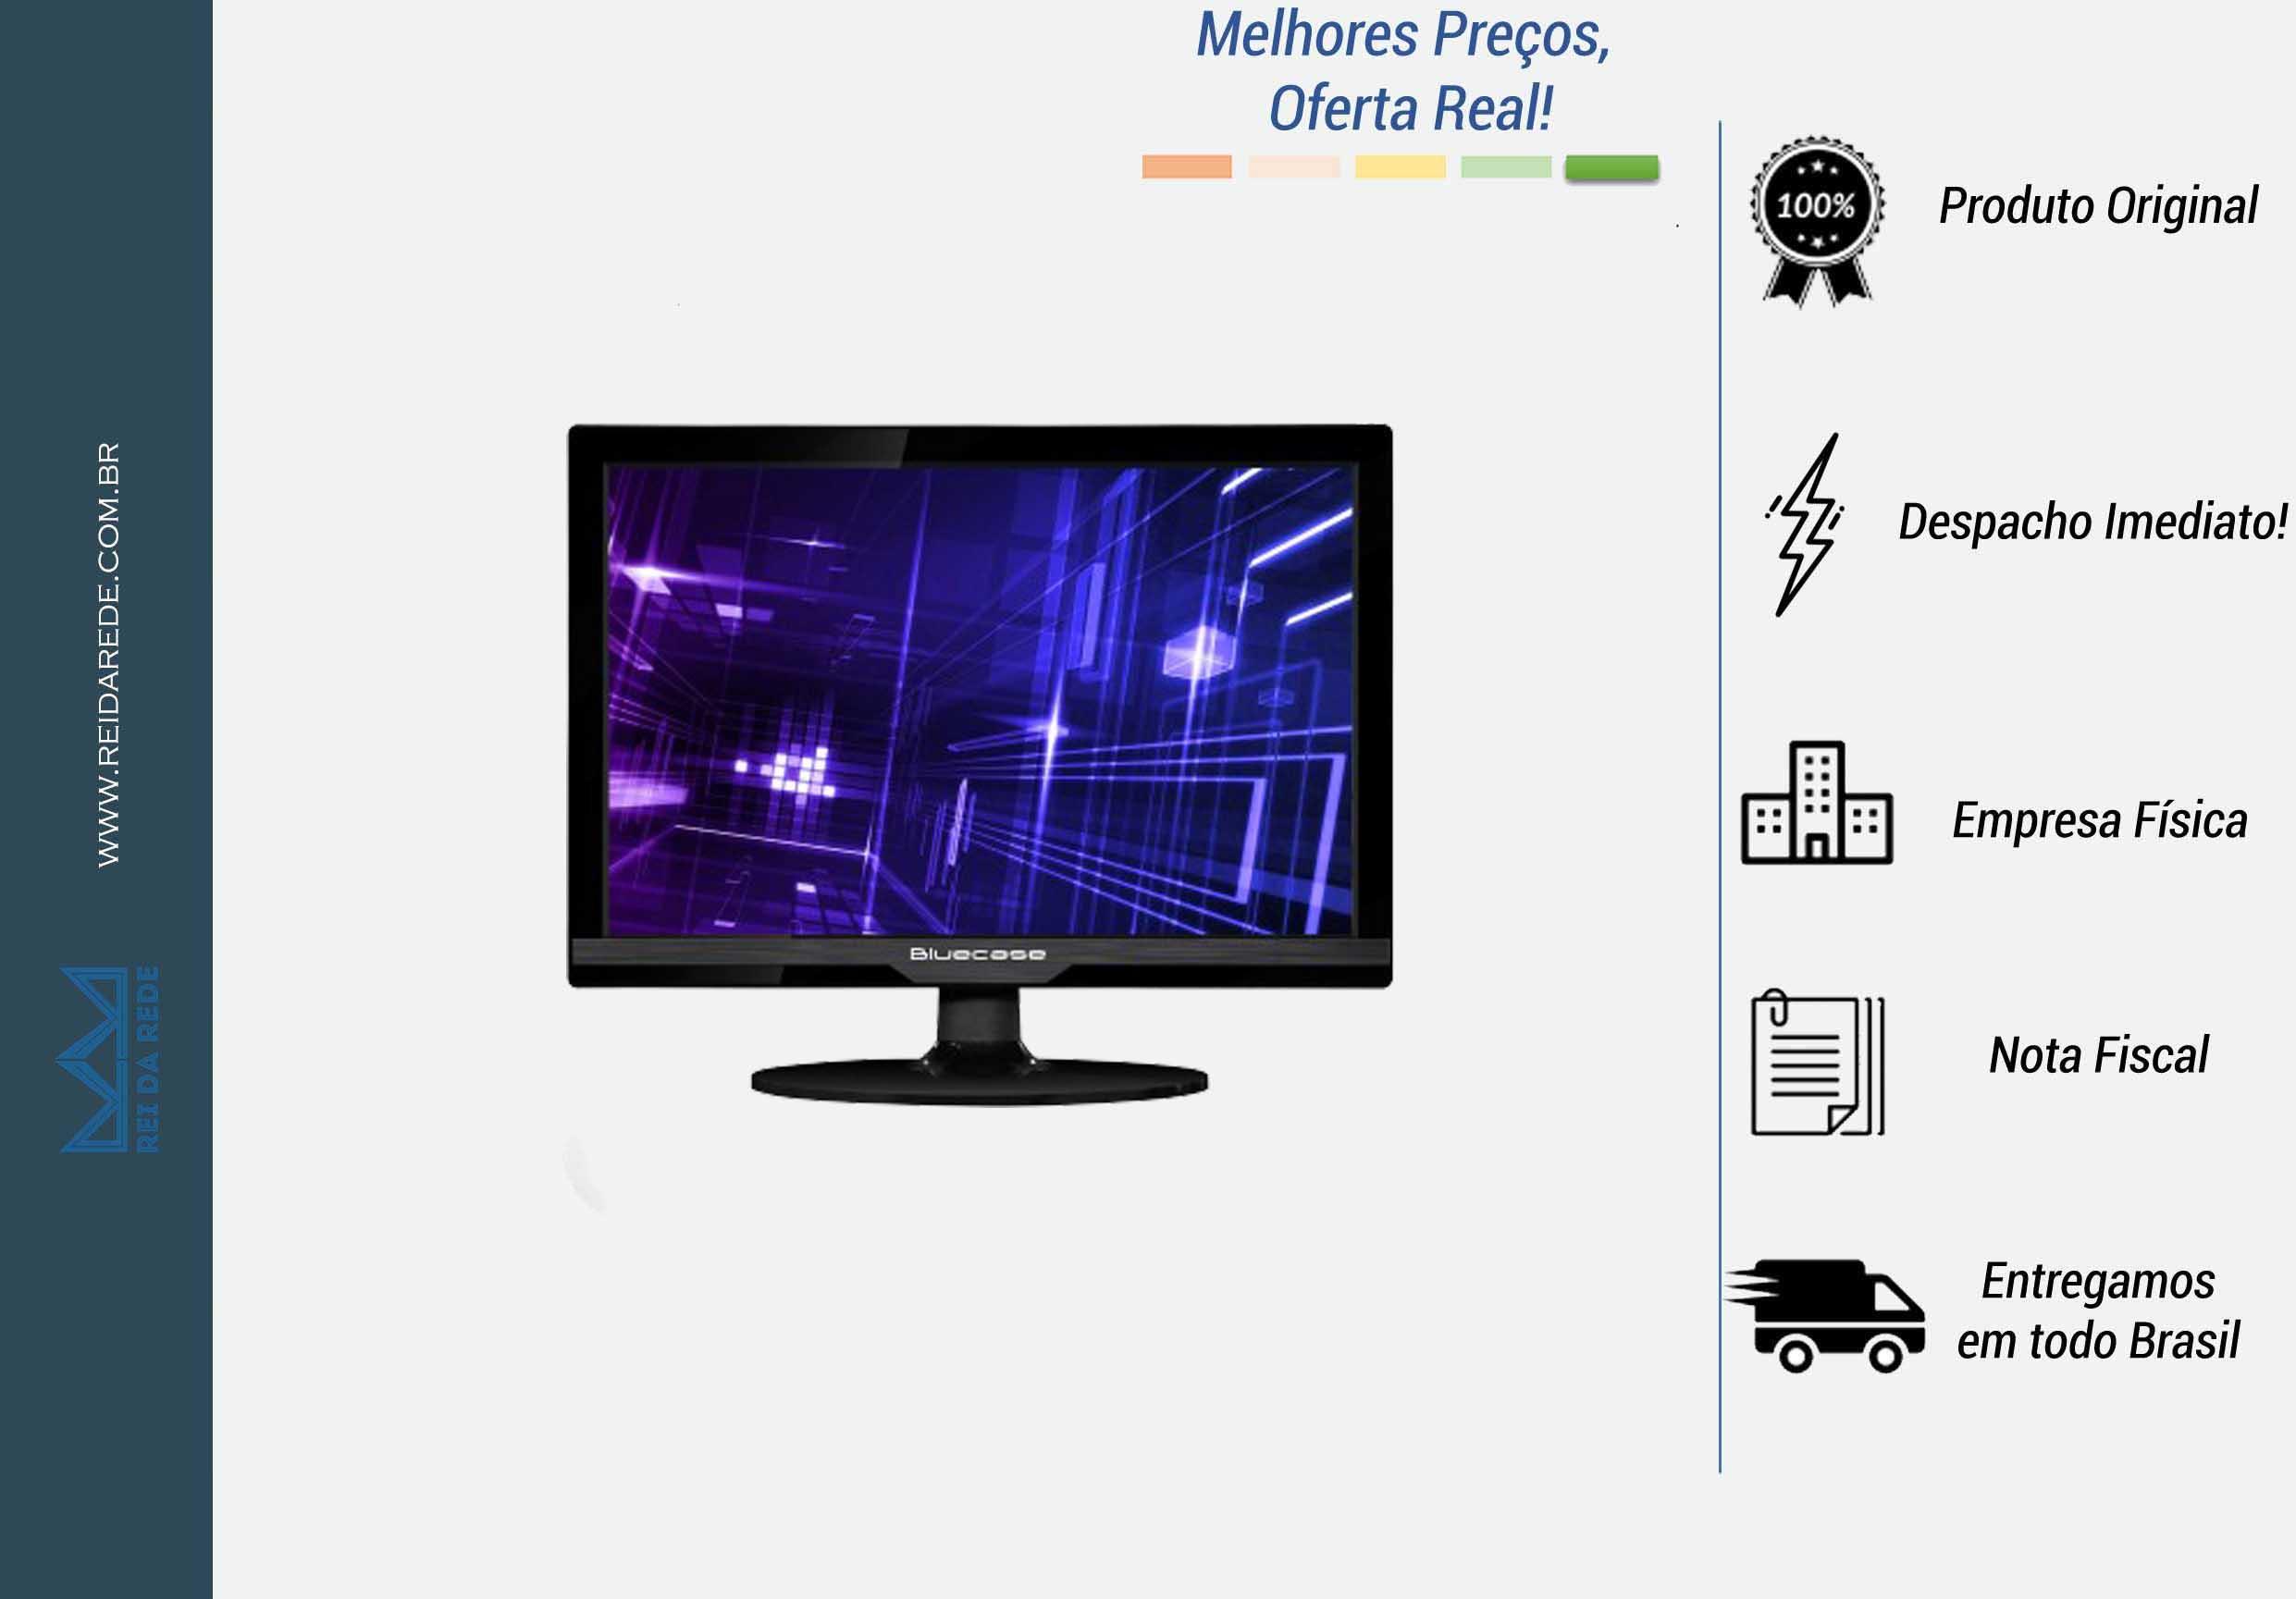 MONITOR LED 15,4 VGA 1280X800 BM154X6VW - BLUECASE